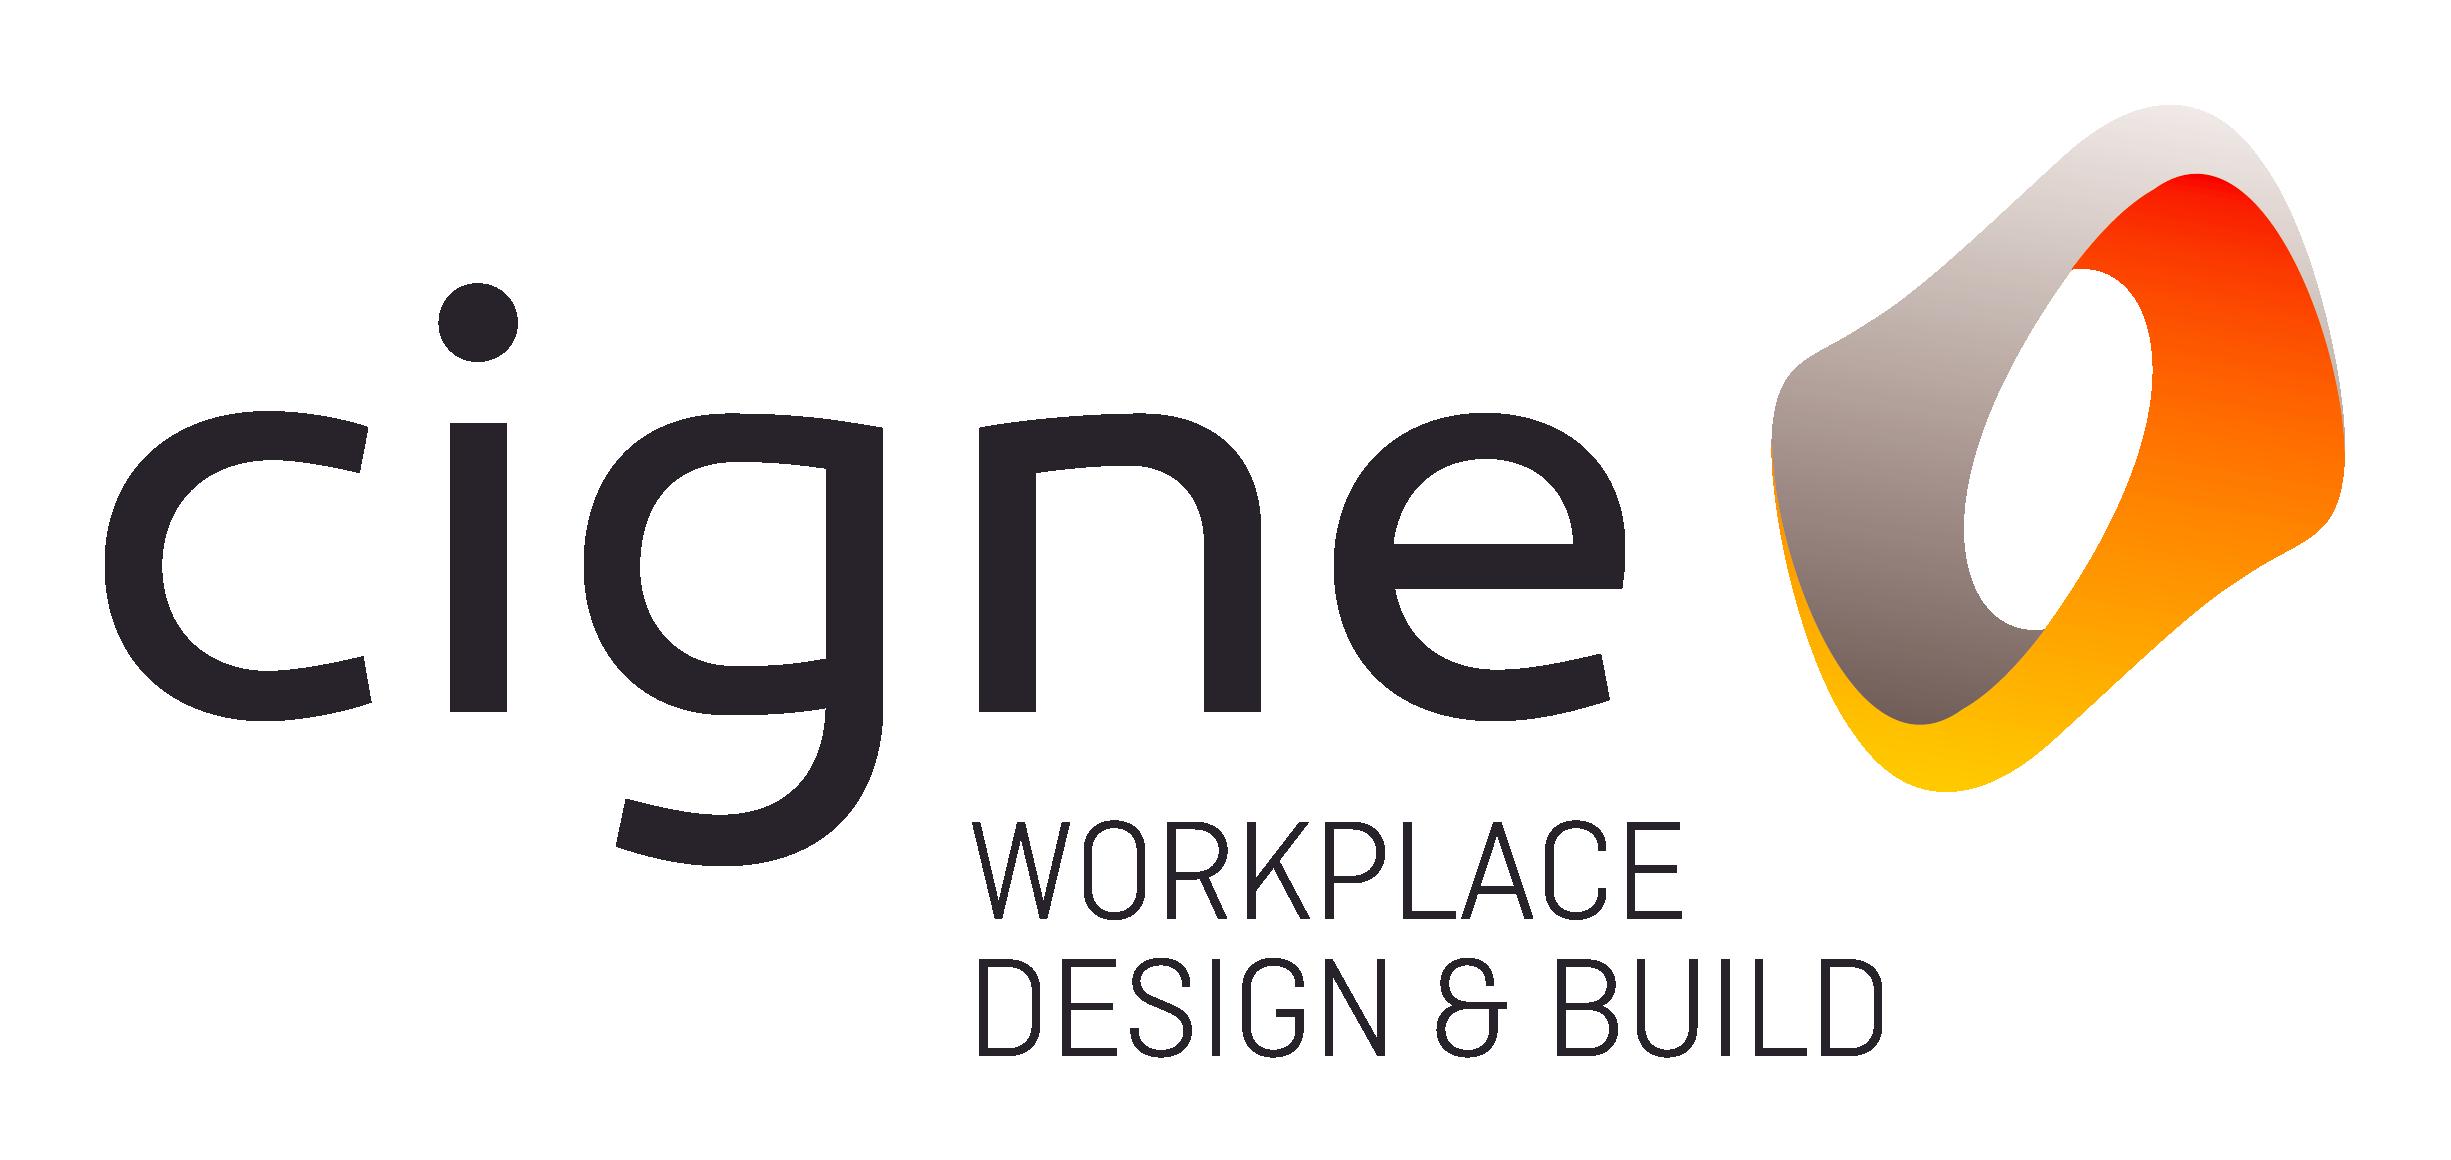 CIGNE_WORKPLACE DESIGN BUILD _ CLIENT_ REVENTIS